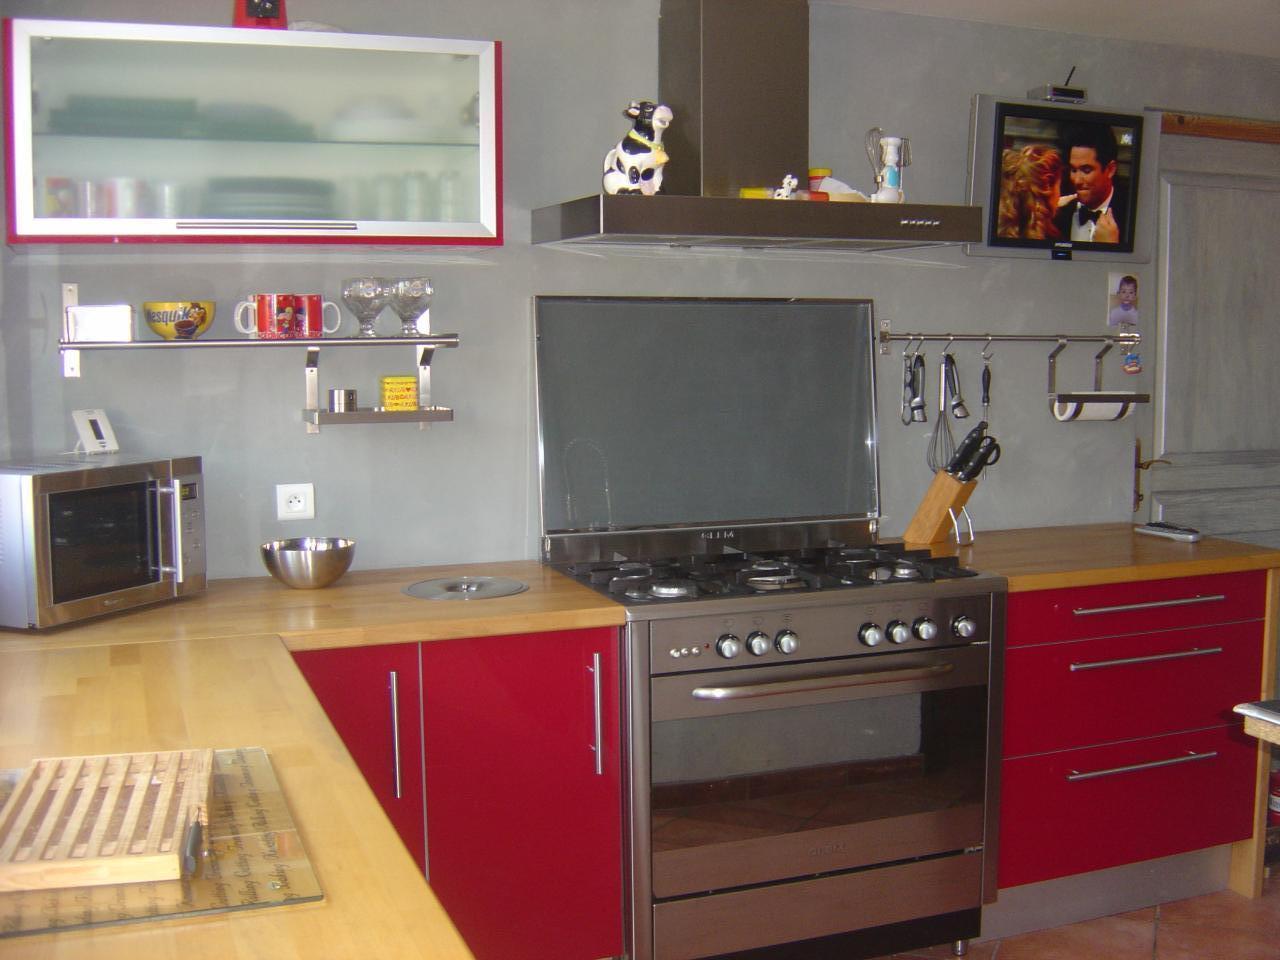 Idee de deco pour une cuisine rouge lille maison - Deco rouge cuisine ...